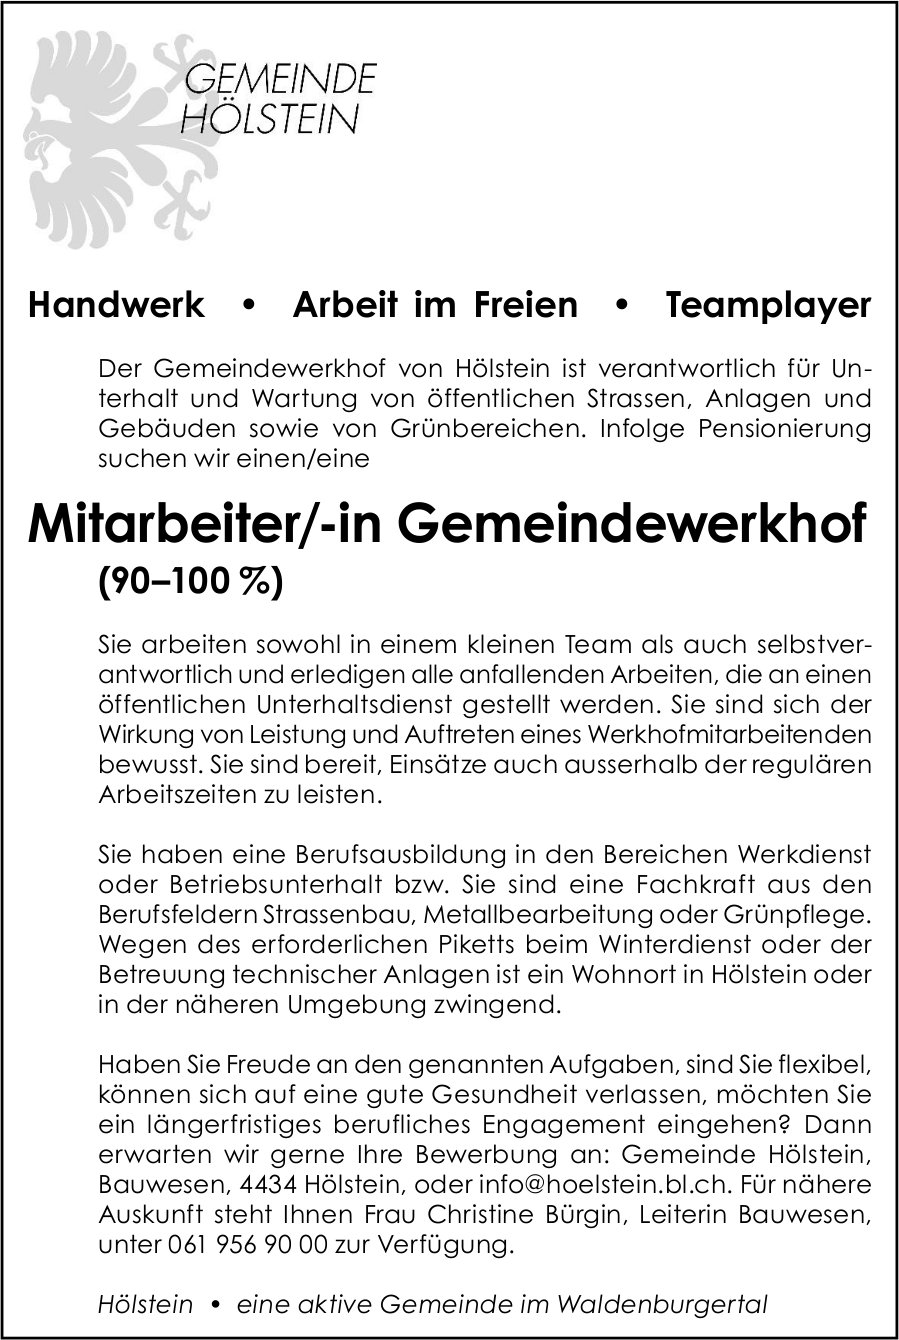 Mitarbeiter/-in Gemeindewerkhof, Gemeinde, Hölstein,  gesucht